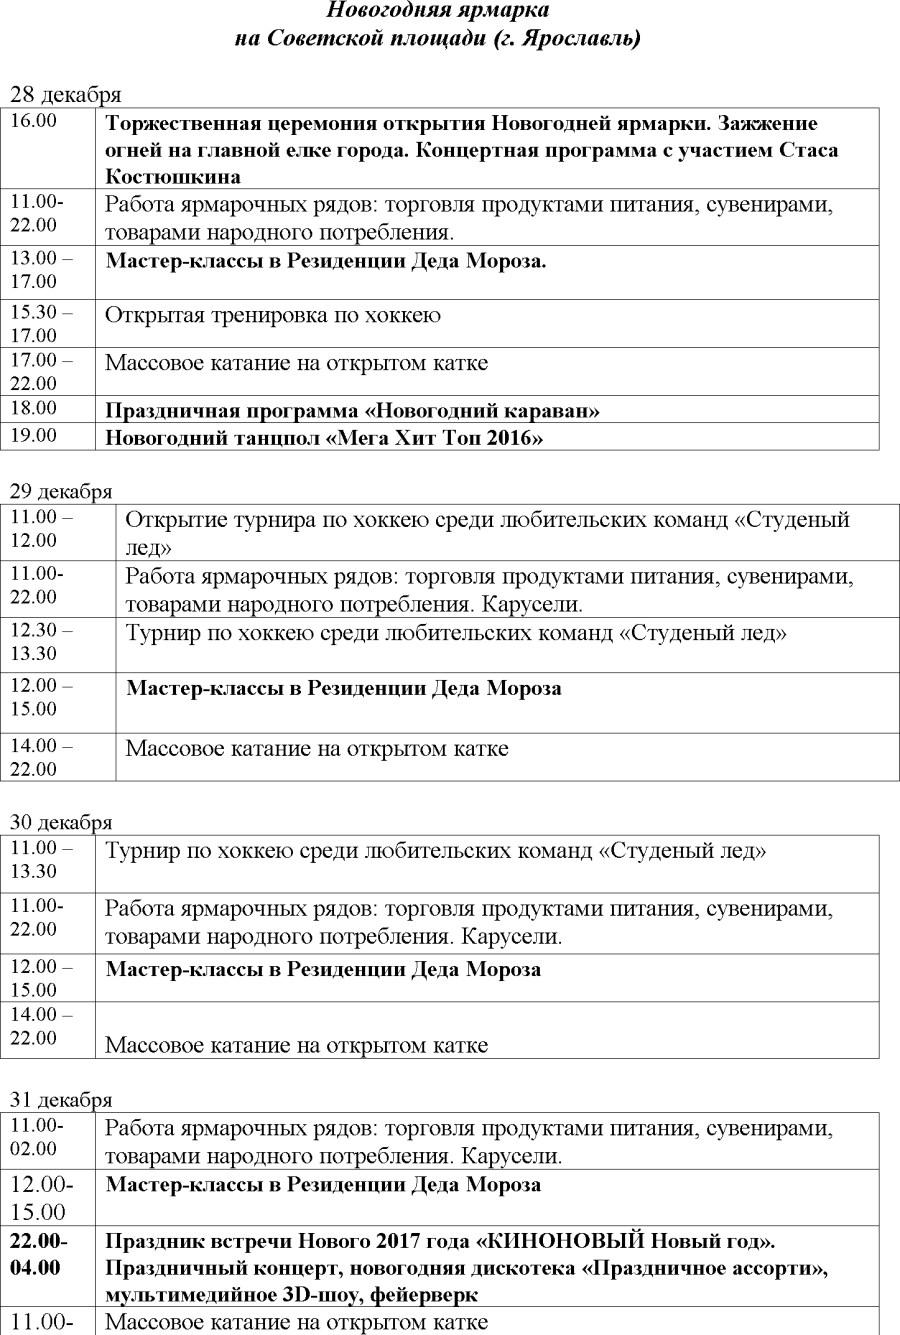 prilozhenie-_afisha_-7105026-v1